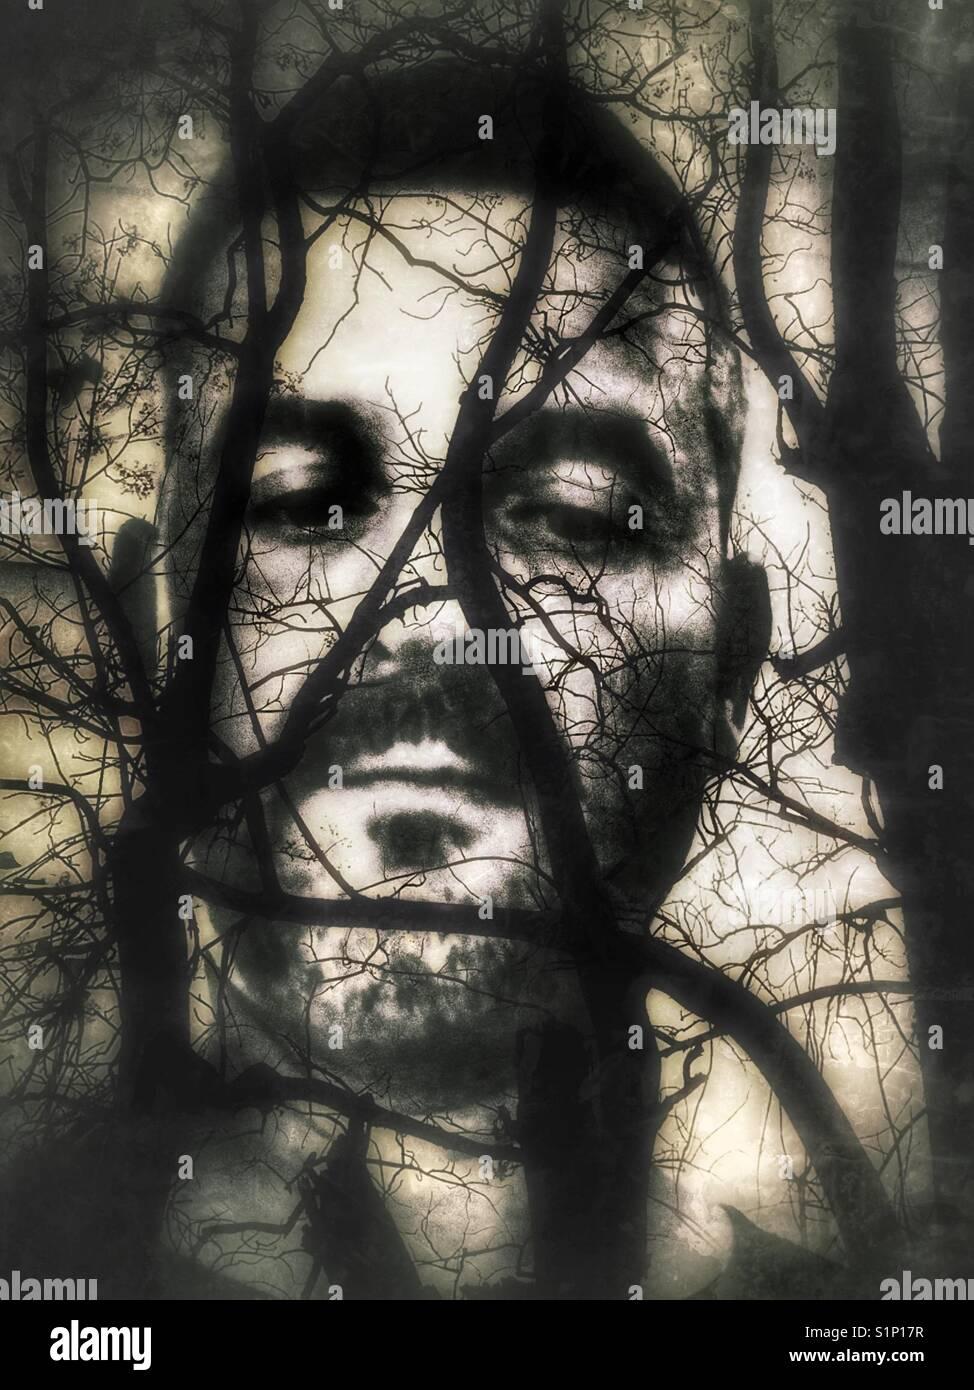 L'exposition de plusieurs mâles adultes conceptuel un visage derrière les branches d'arbres noueux. Banque D'Images